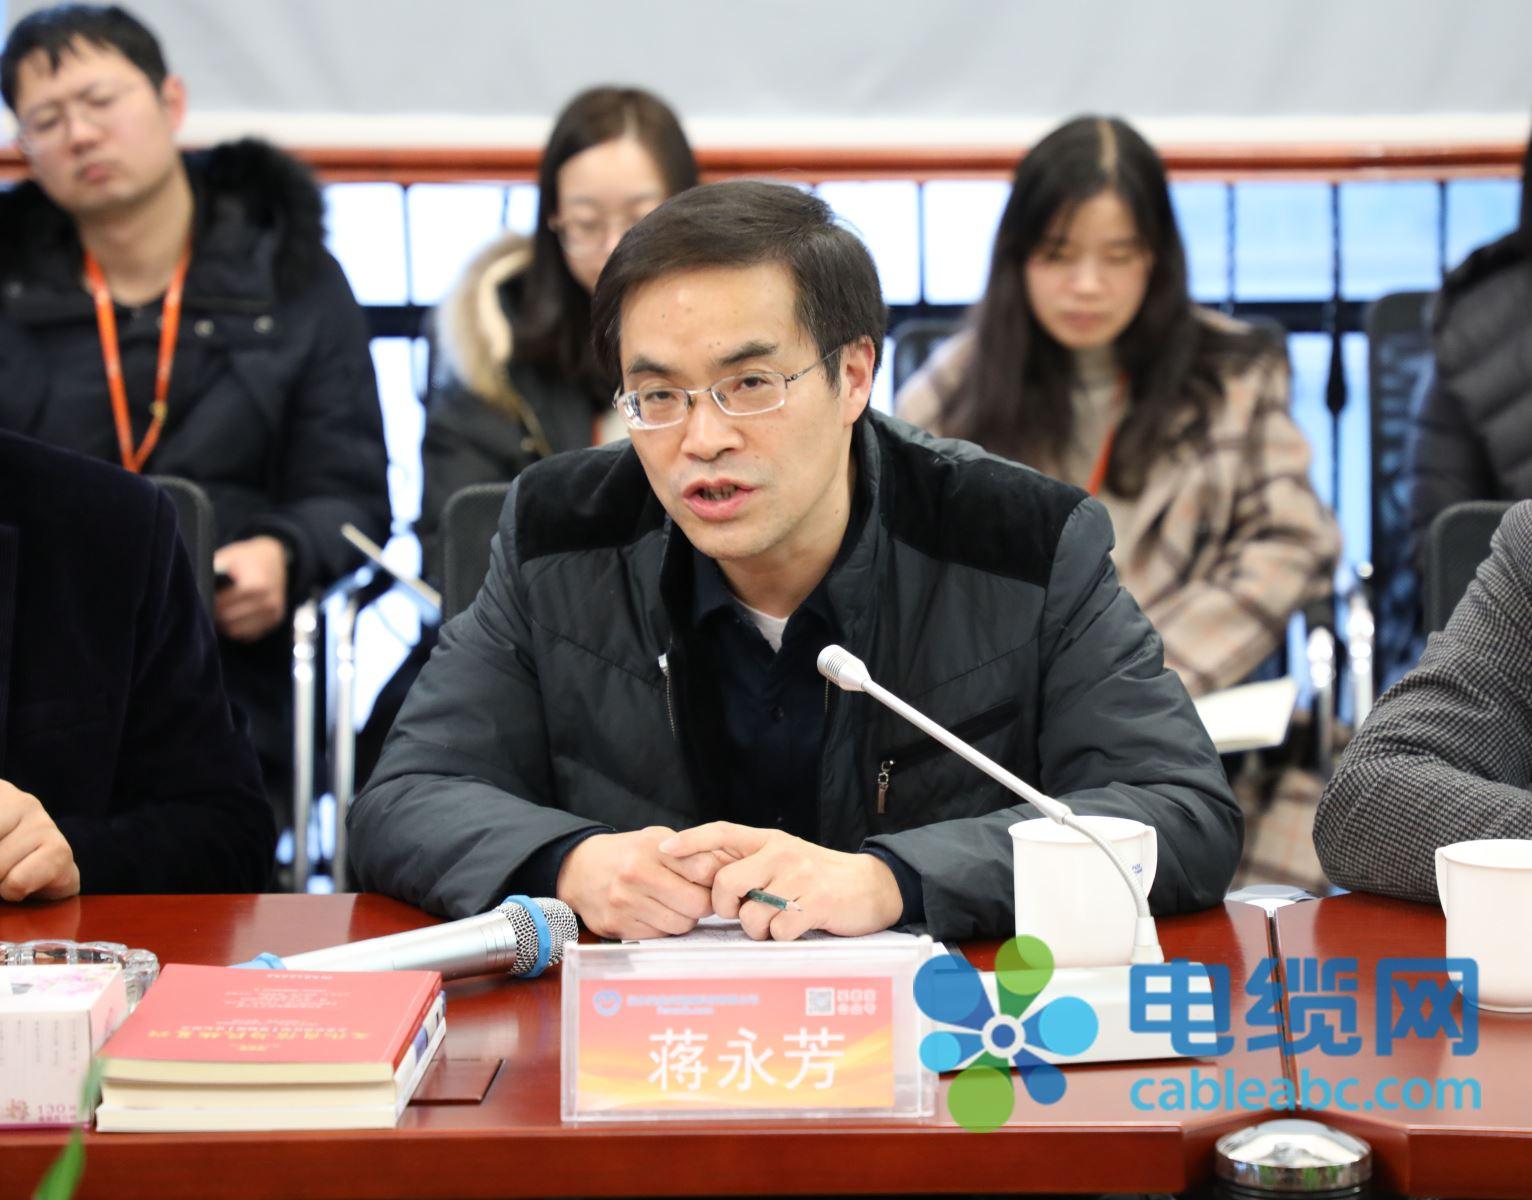 宜兴市委宣传部副部长、市委网信办主任蒋永芳发言